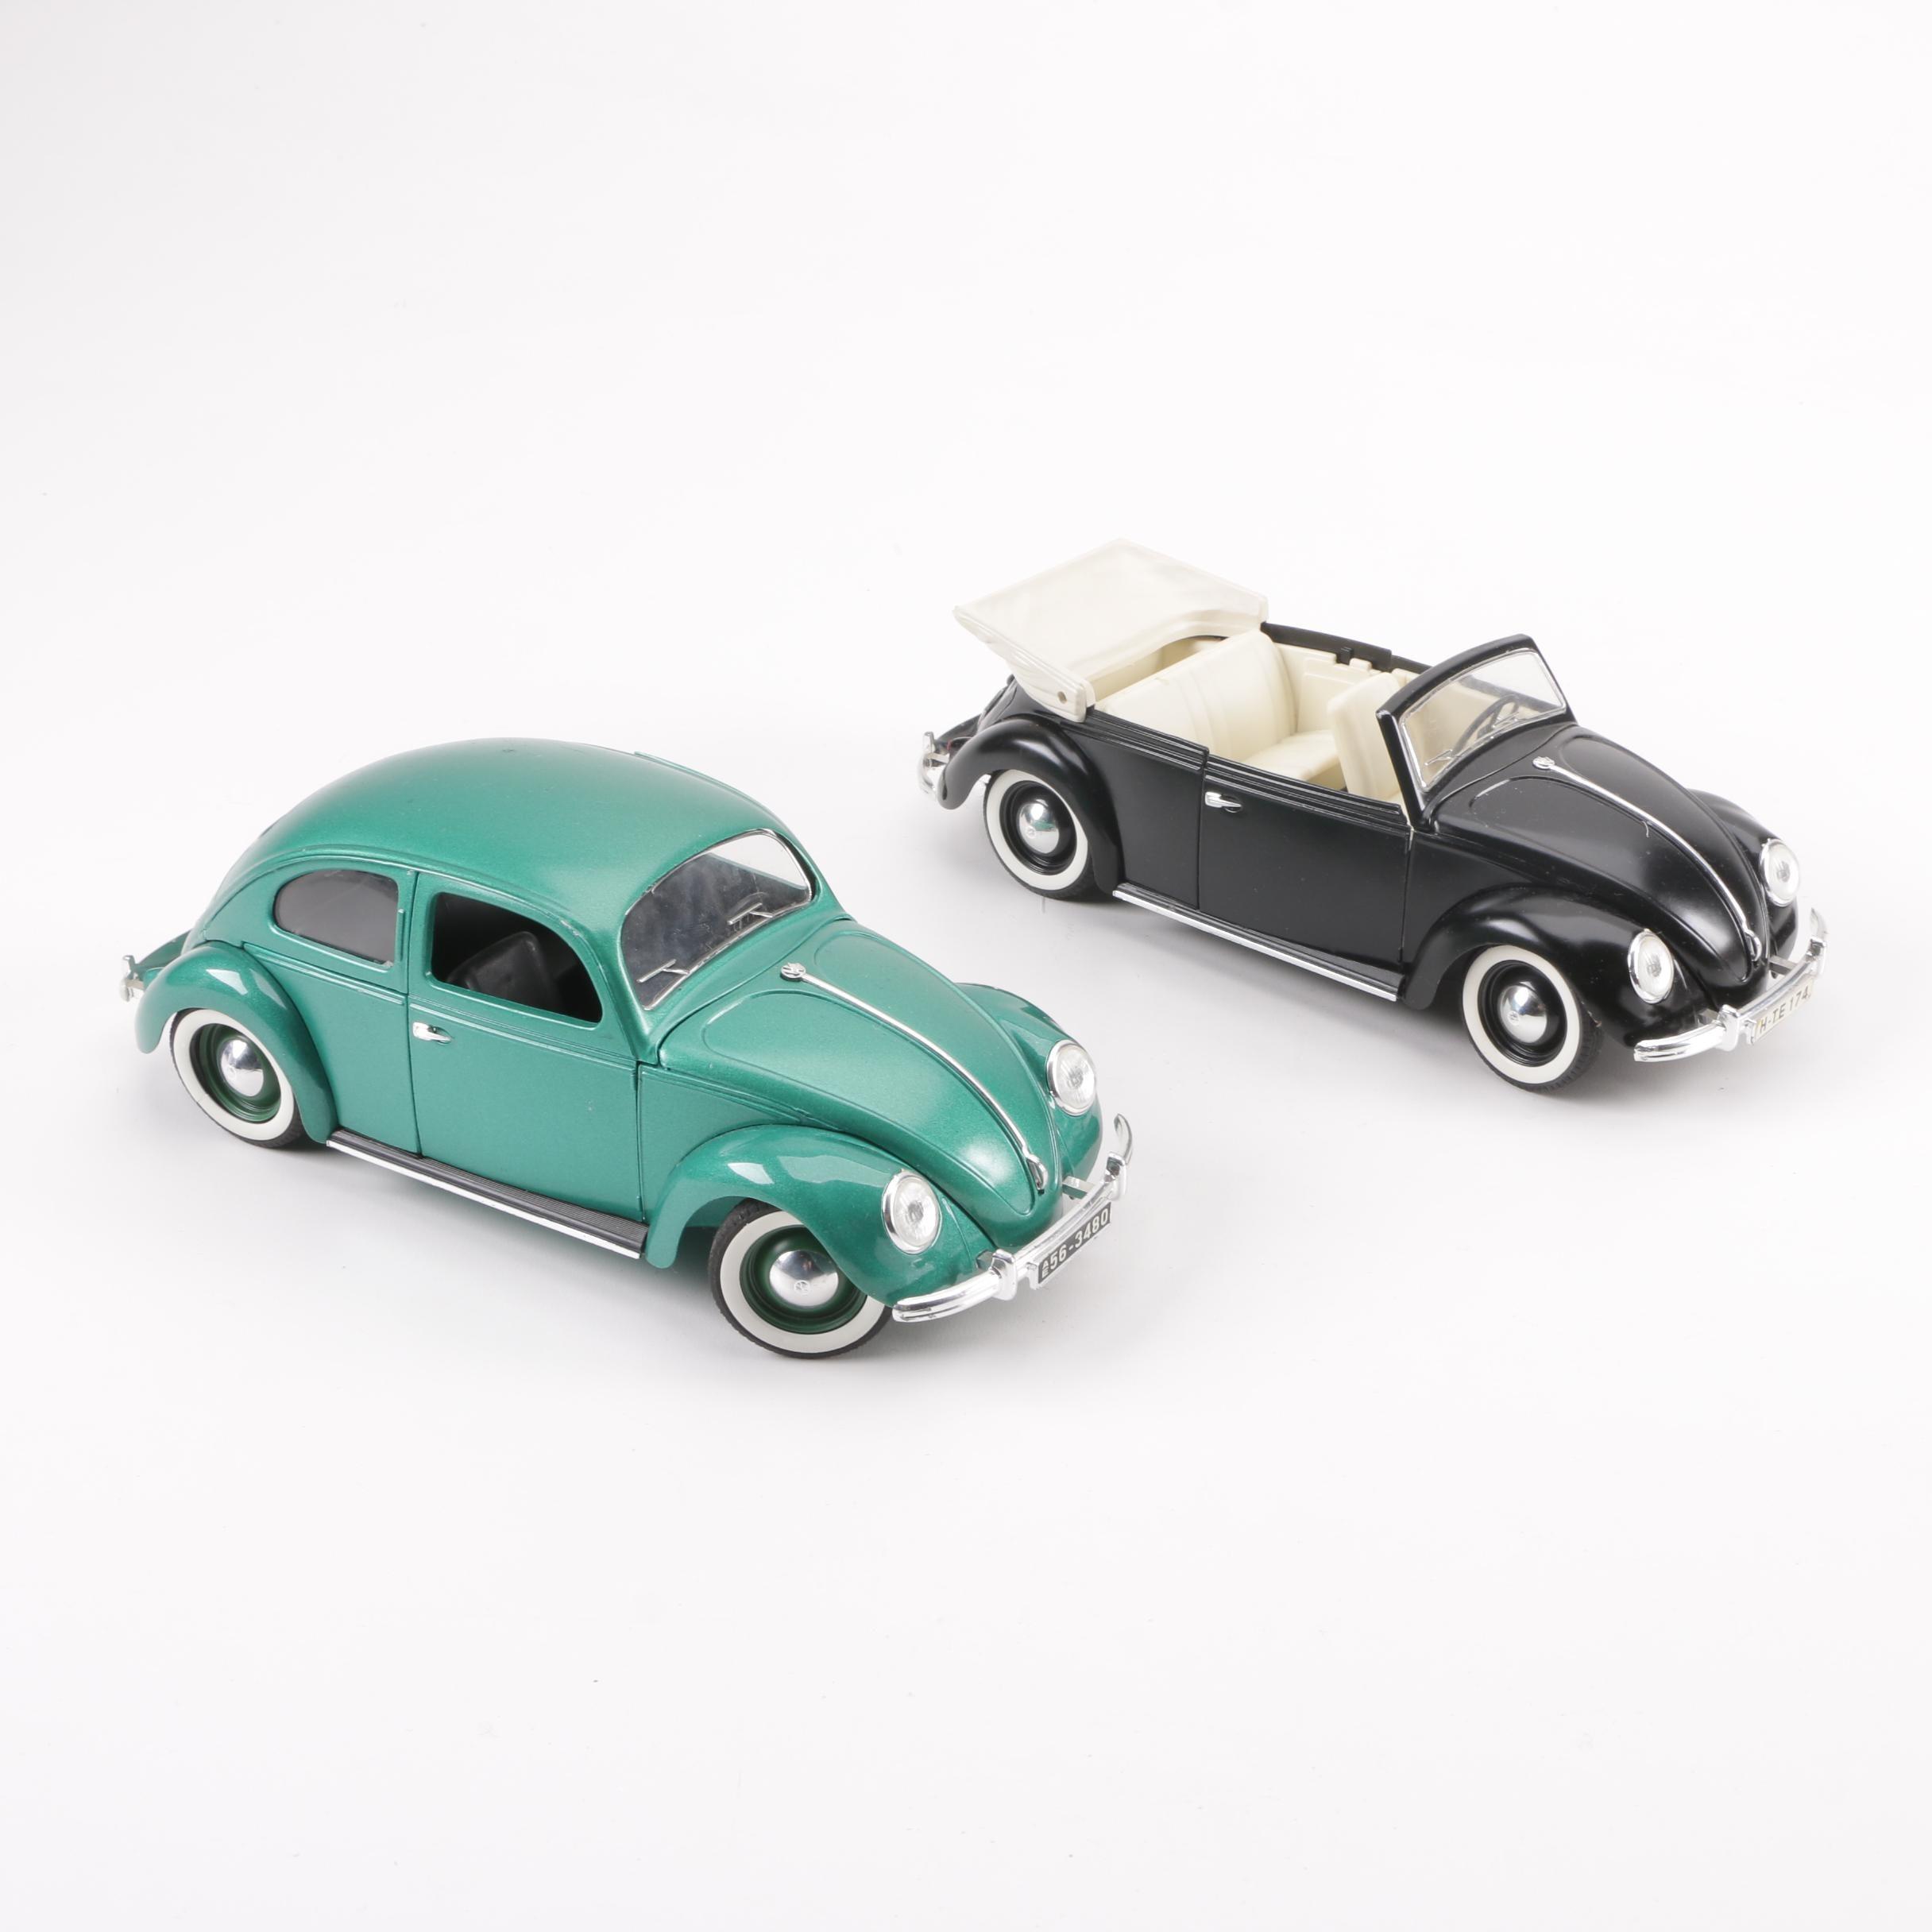 Solido 1949 Coccinelle Volkswagen Die-Cast Cars